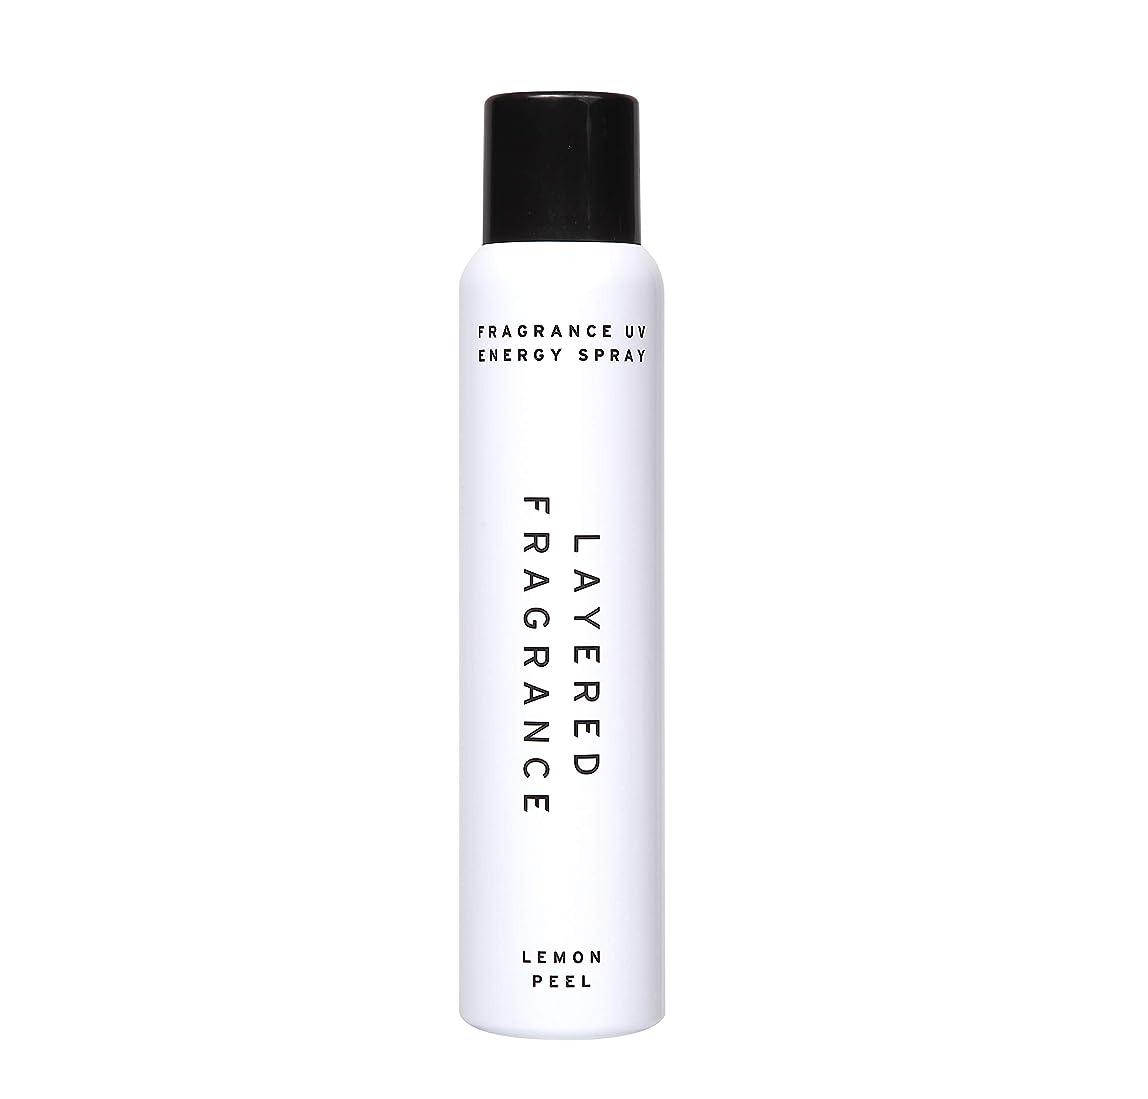 特に絶対に工業化するレイヤードフレグランス フレグランス エナジーUVスプレー レモンピール SPF50+ PA++++ LAYERED FRAGRANCE FRAGRANCE ENERGY UV SPRAY LEMON PEEL